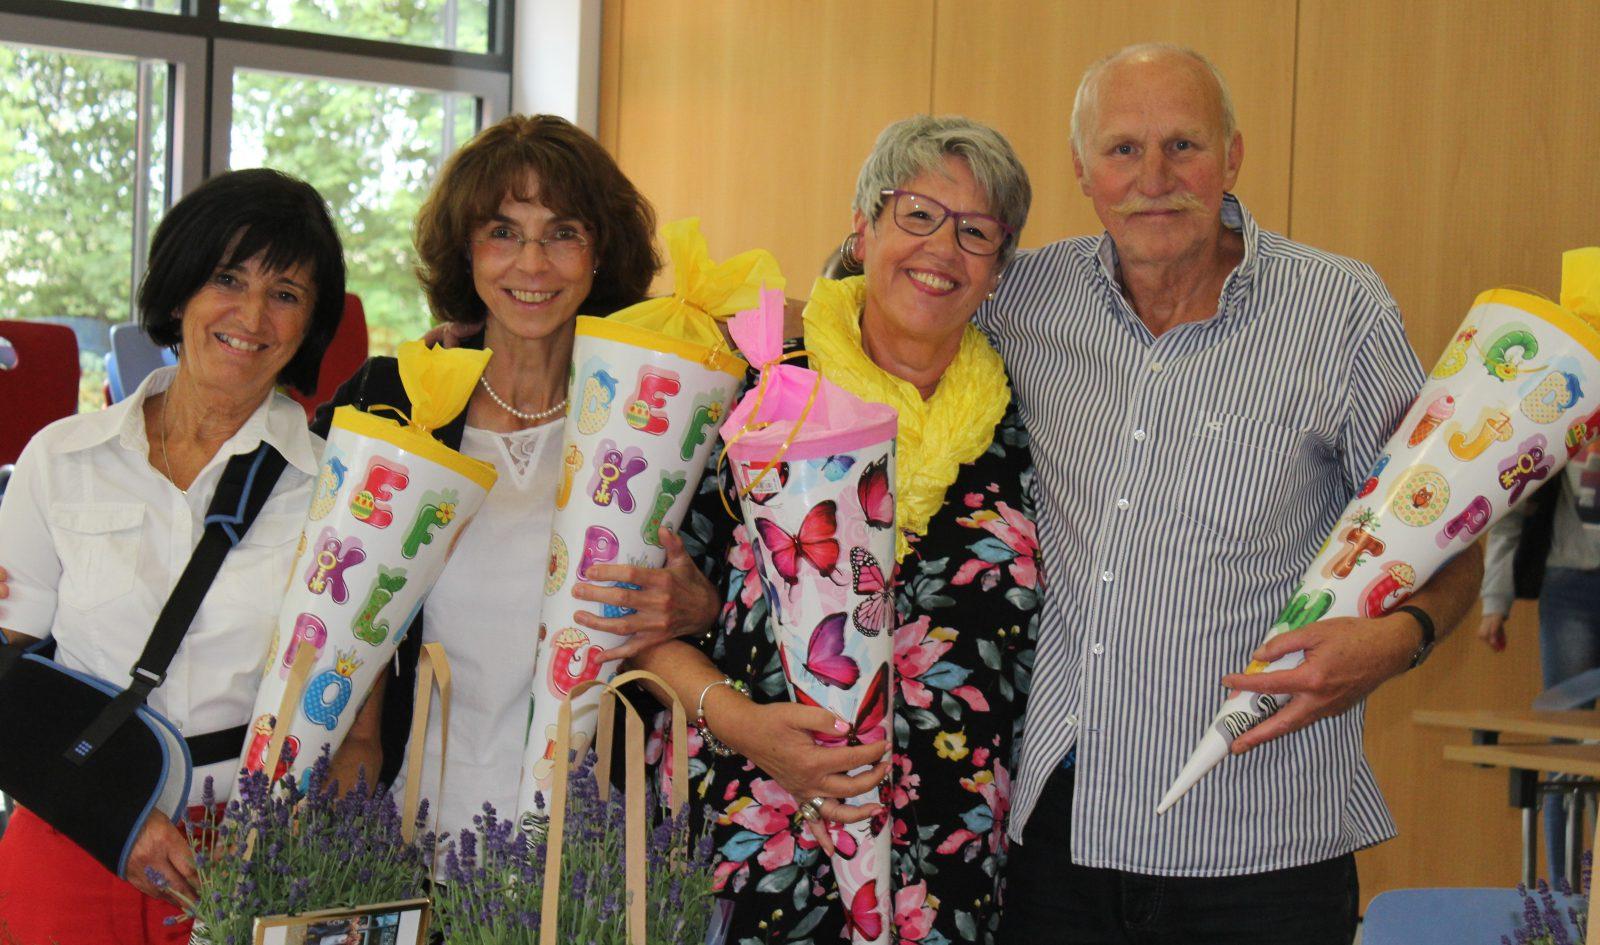 Wir verabschieden Frau Fiedler, Frau Kämmerling, Frau Münscher und Herrn Antrecht!